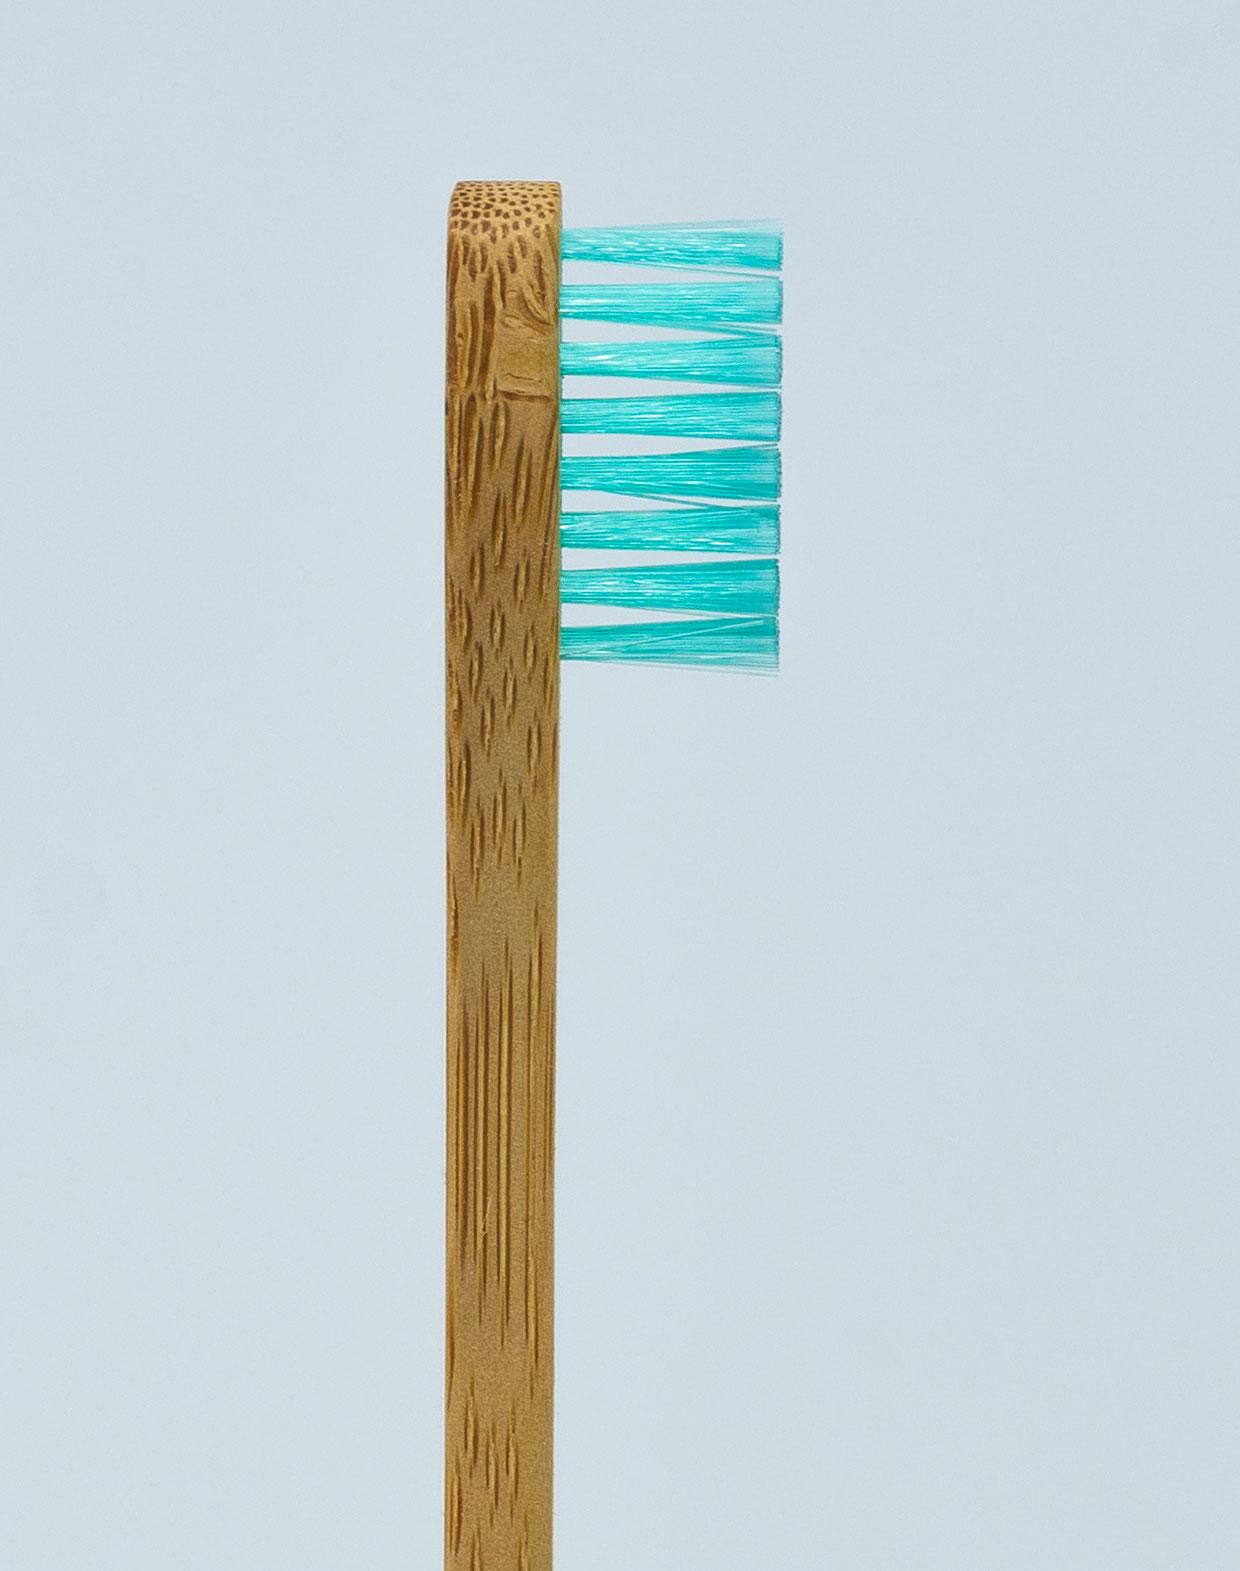 Piksters Spazzolino in Bamboo - Vari Colori